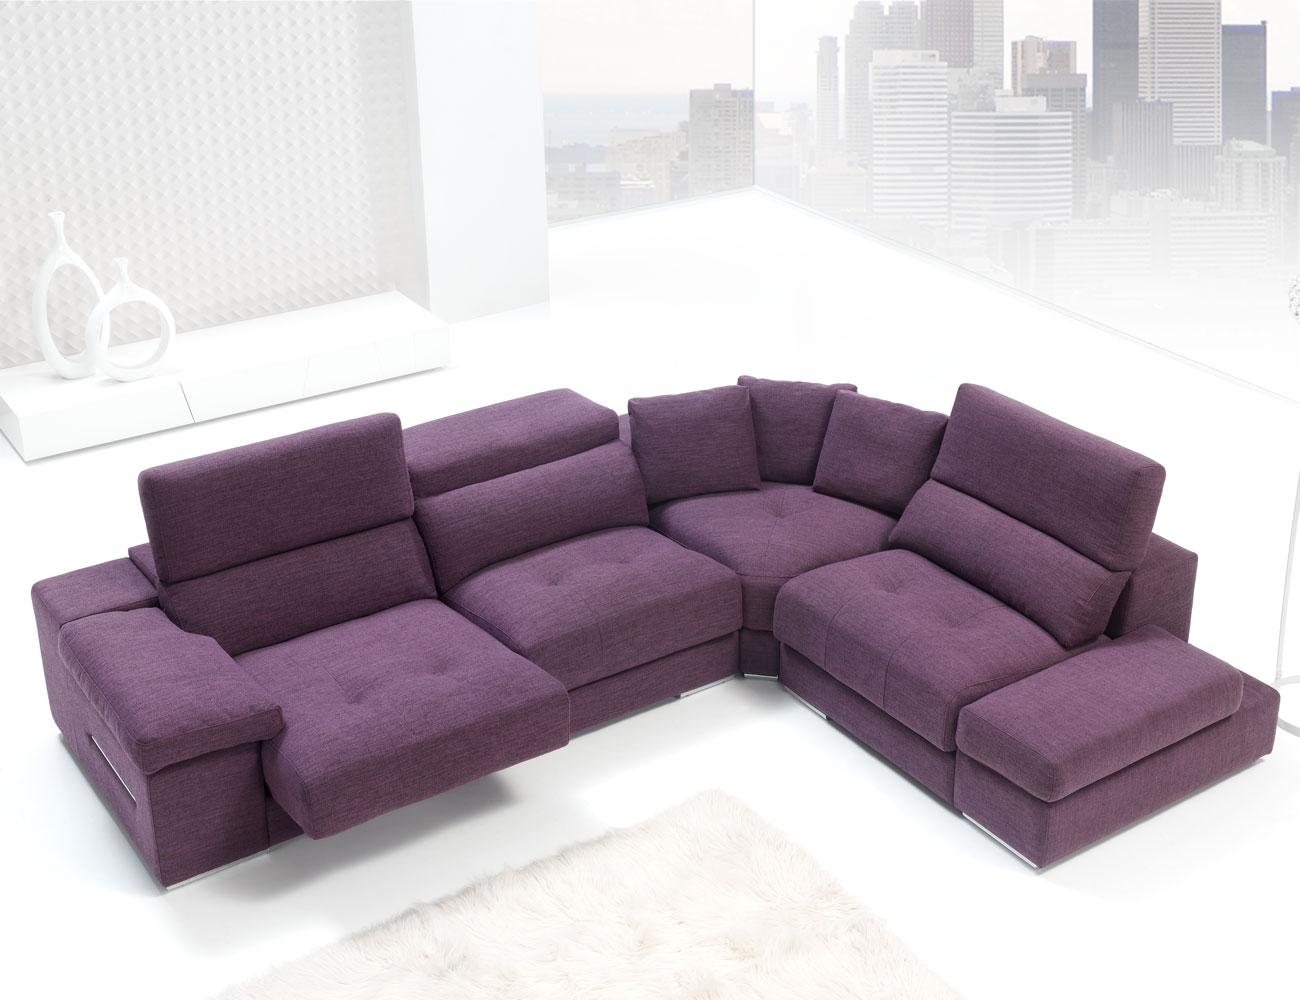 Sofa chaiselongue rincon con brazo mecanico tejido anti manchas 259